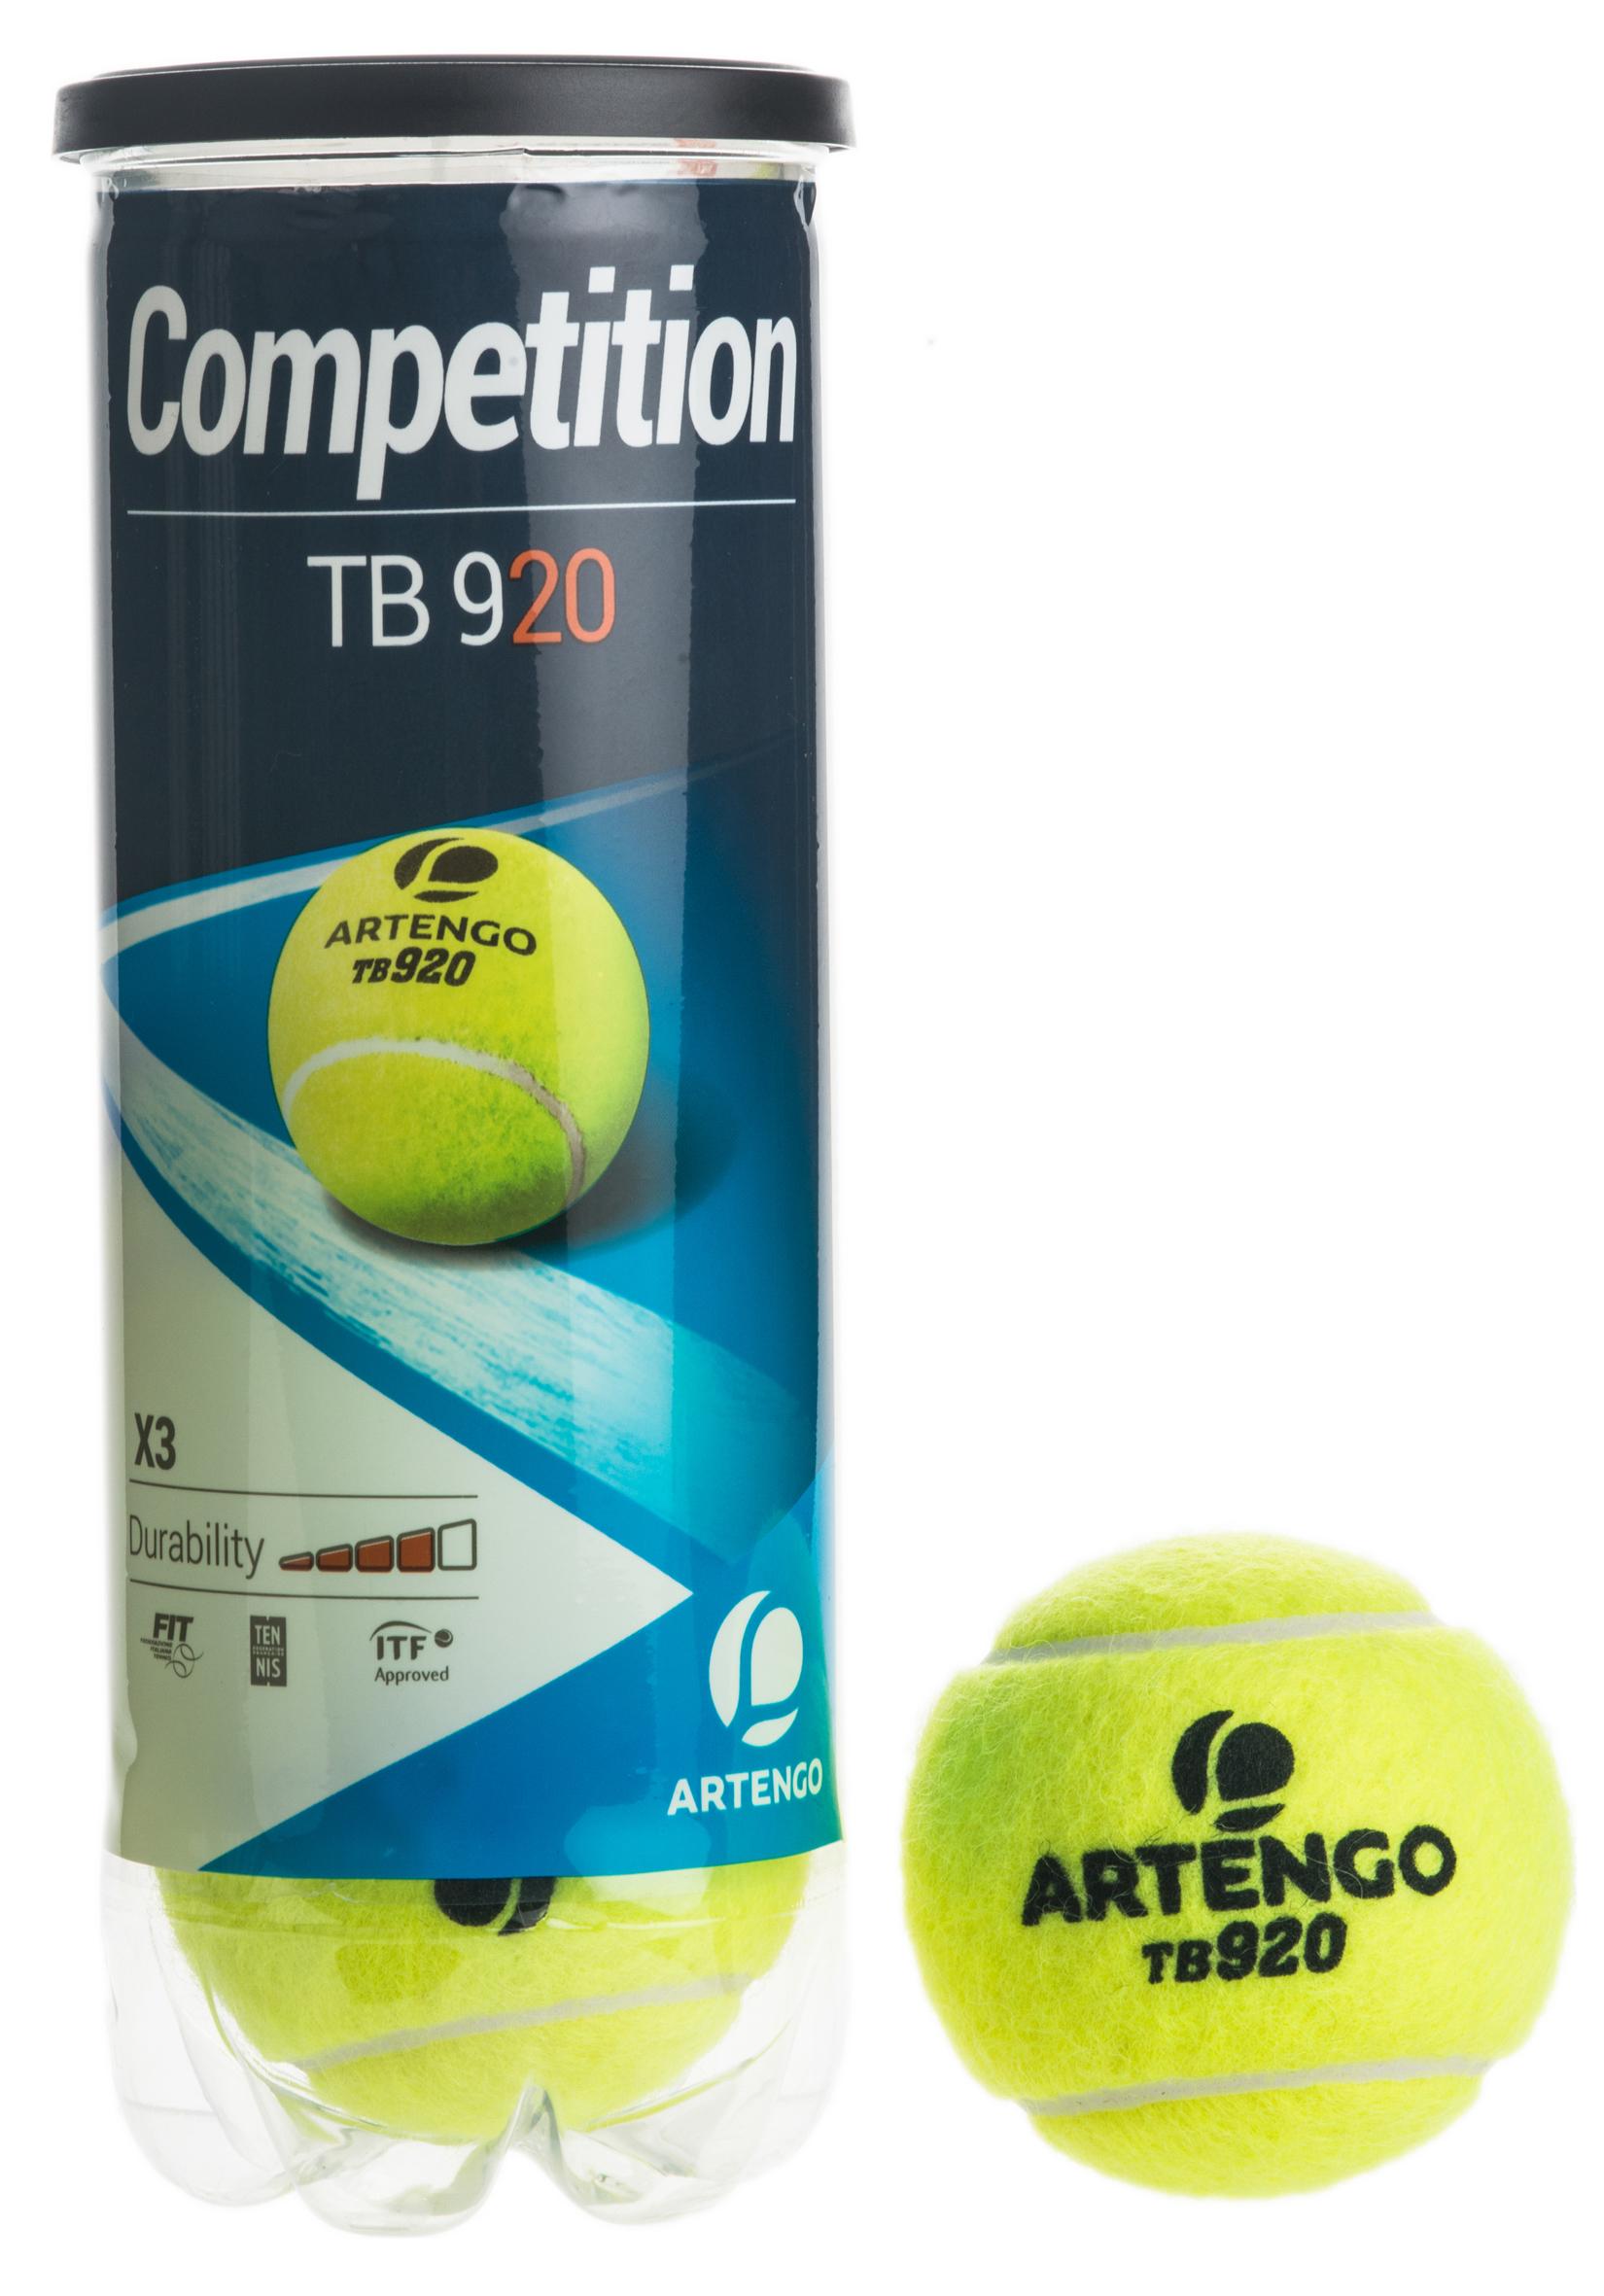 アルテンゴ テニスボール TB920 ATP250公式試合ボール